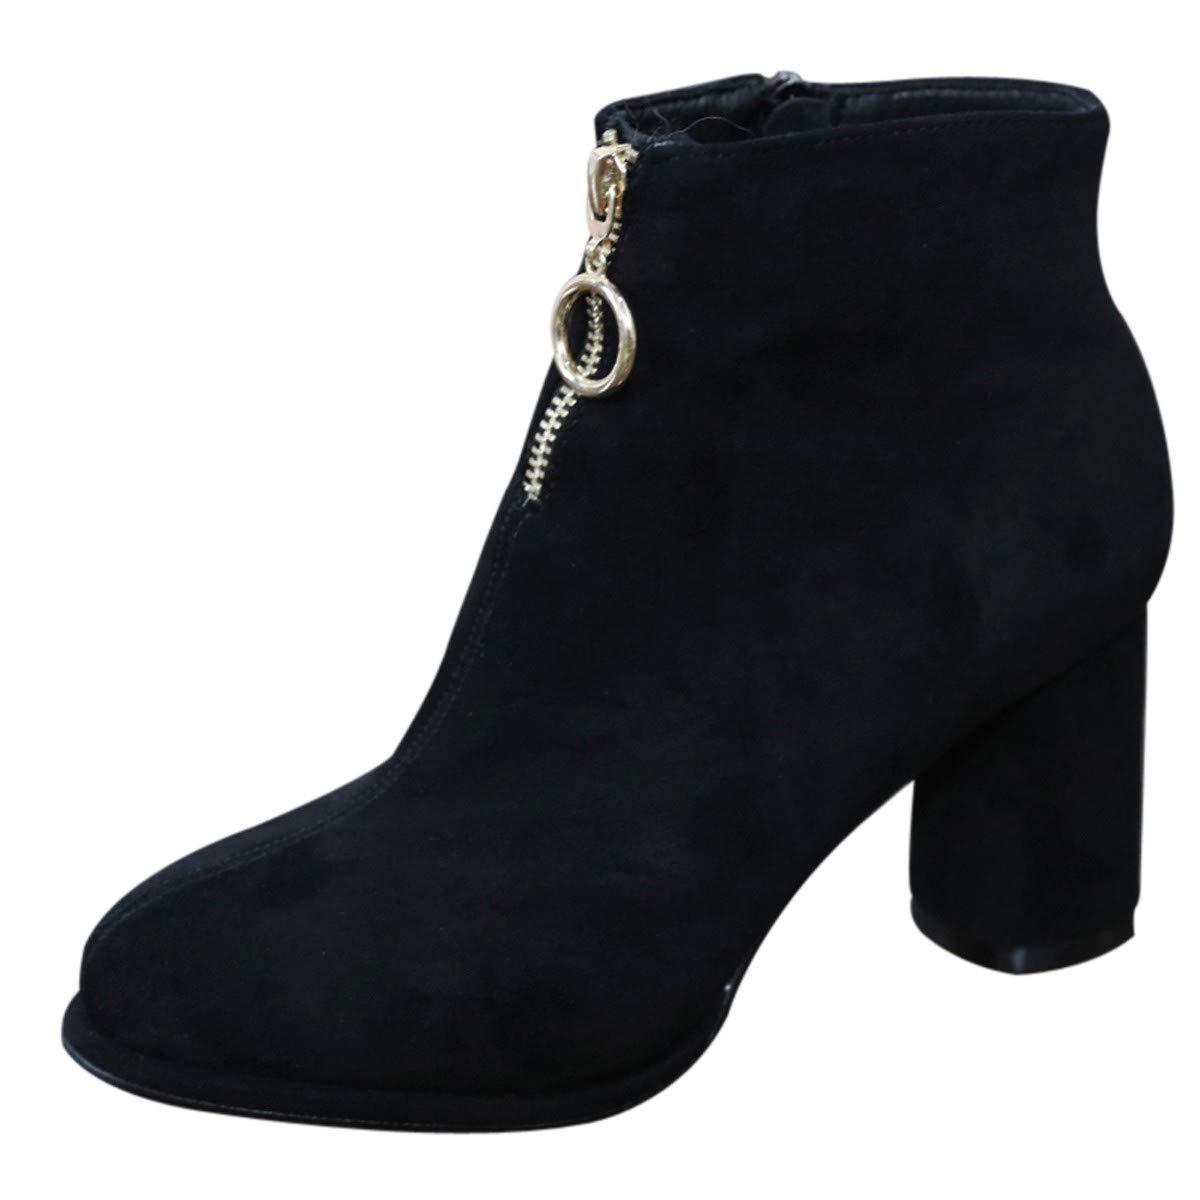 LBTSQ-Wasserdichte Plattform Kurze Stiefel Mode Runden Kopf Und Ohne Stiefel Harte Sohle Reißverschluss 7Cm Ring Hochhackigen Schuhe Alle Arten Von Joker.